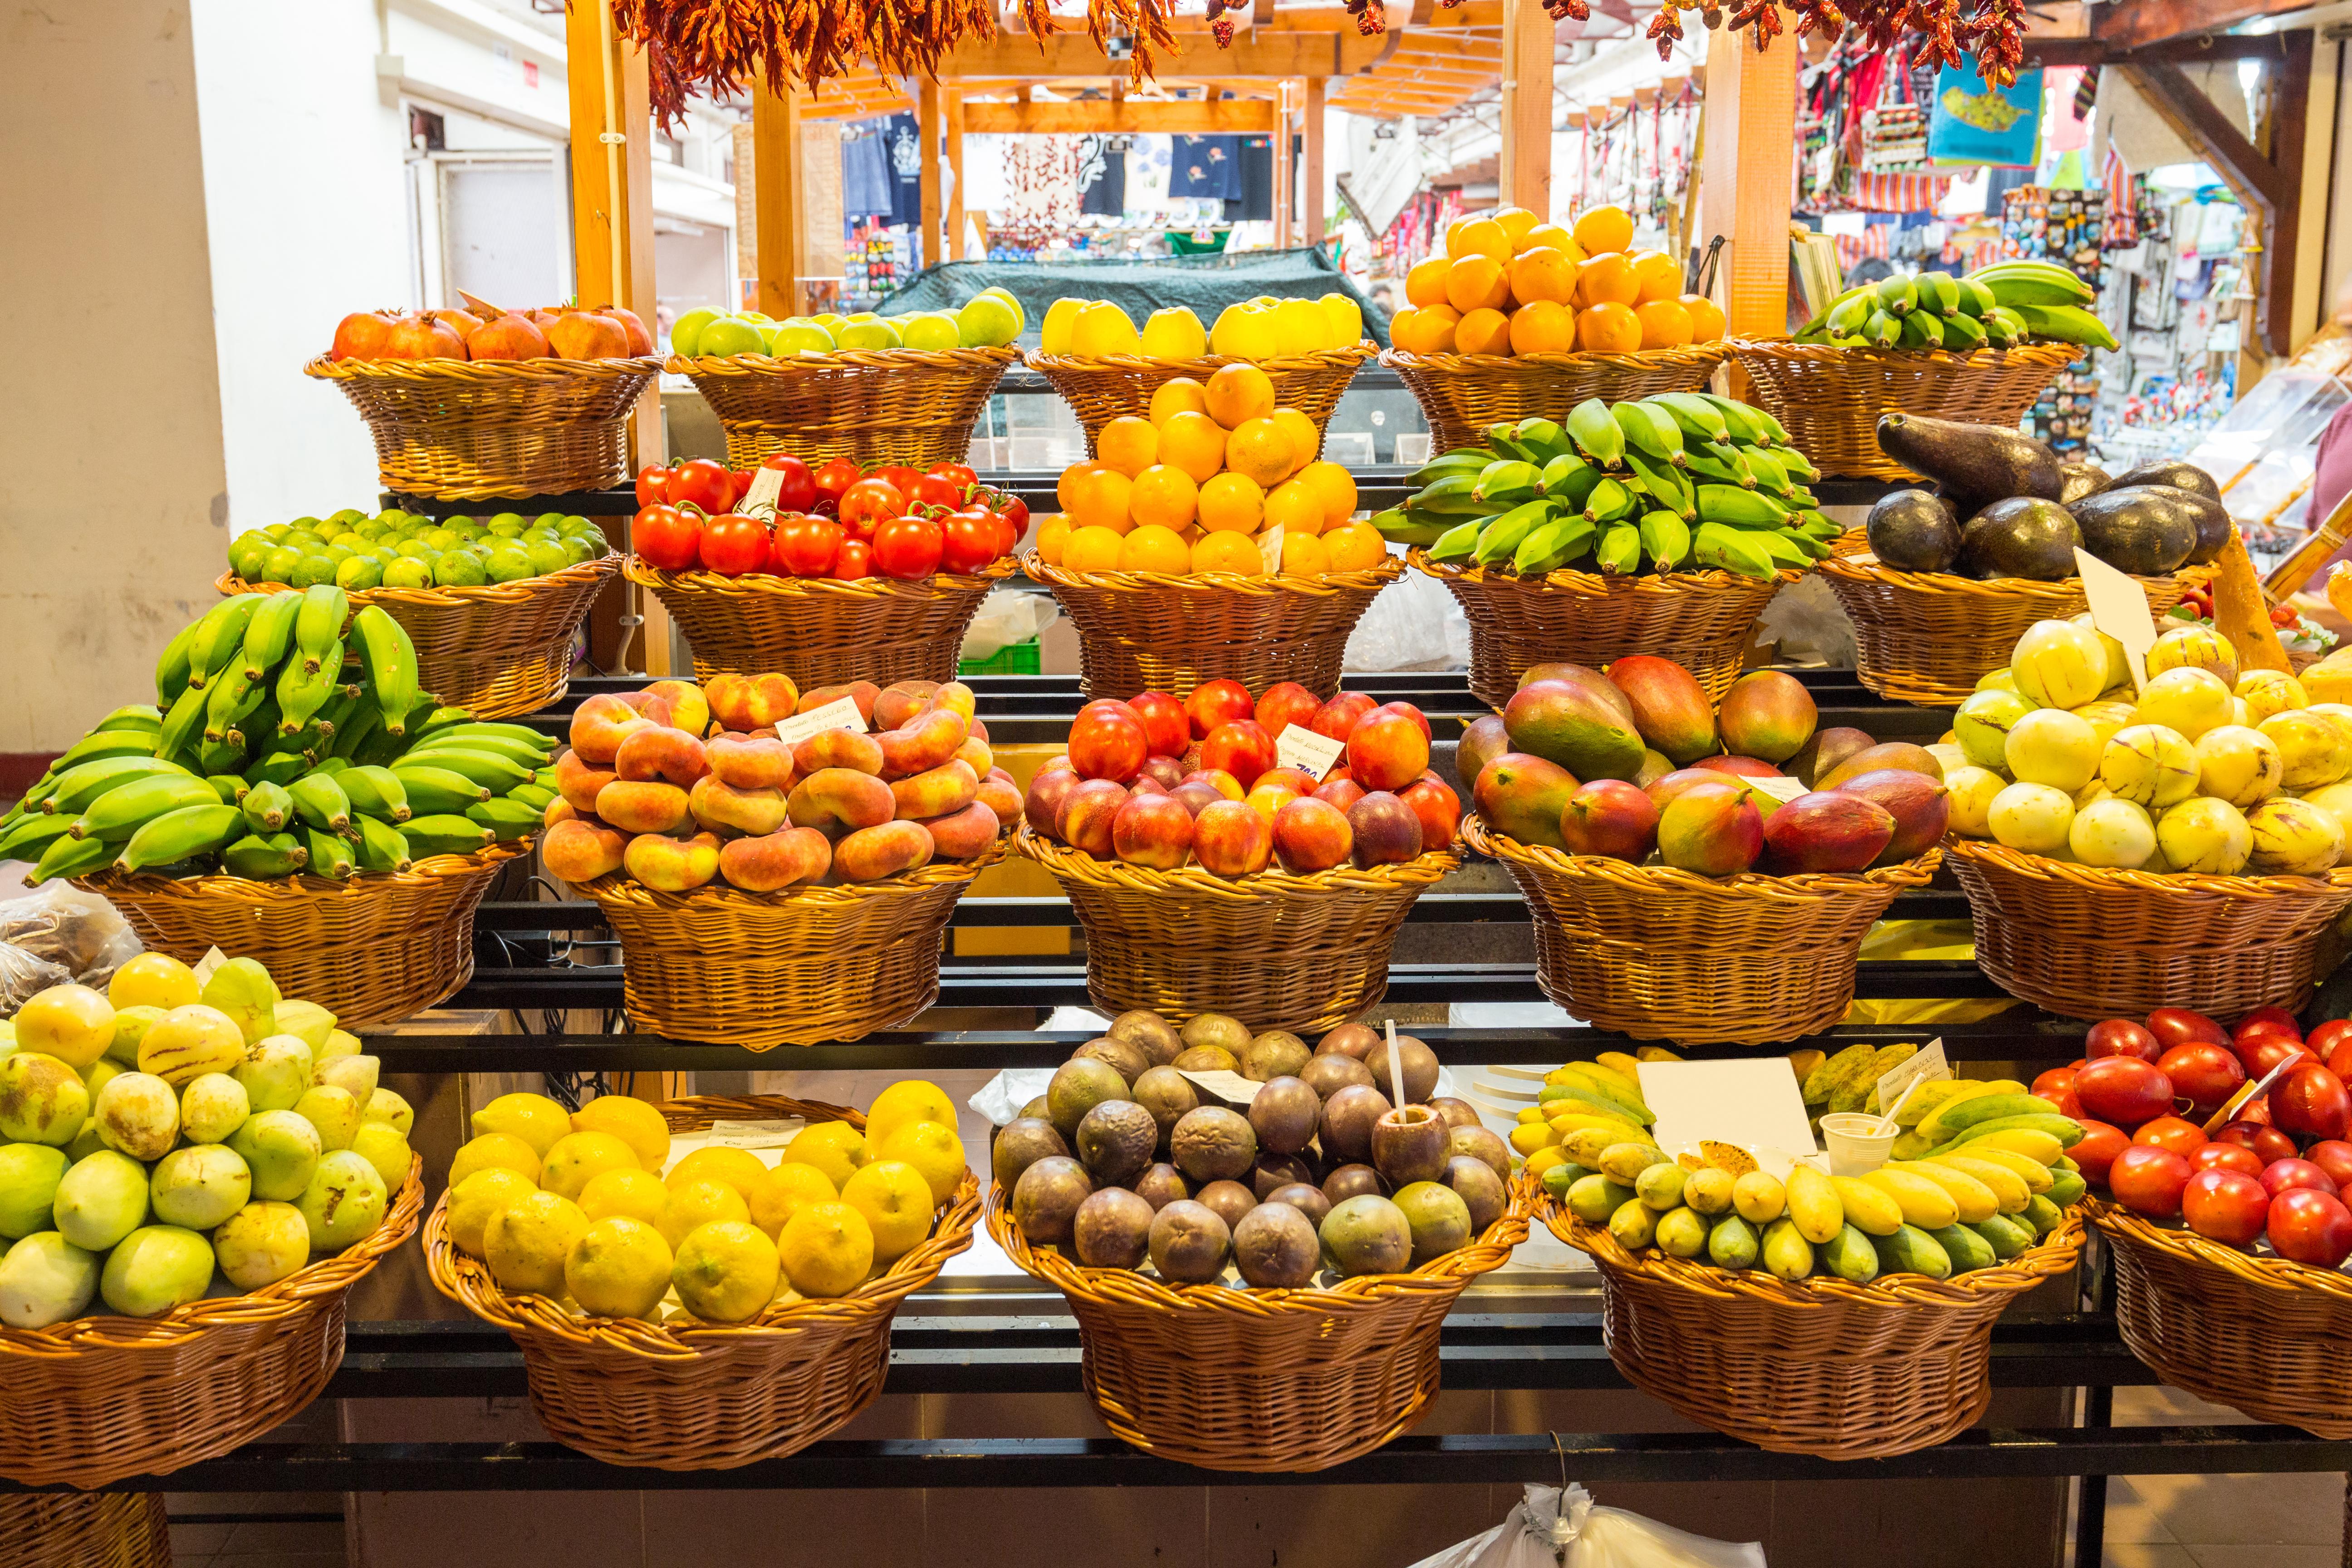 Compra en el corazón de Funchal, el Mercado dos Lavradores - Portugal Circuito Madeira a fondo